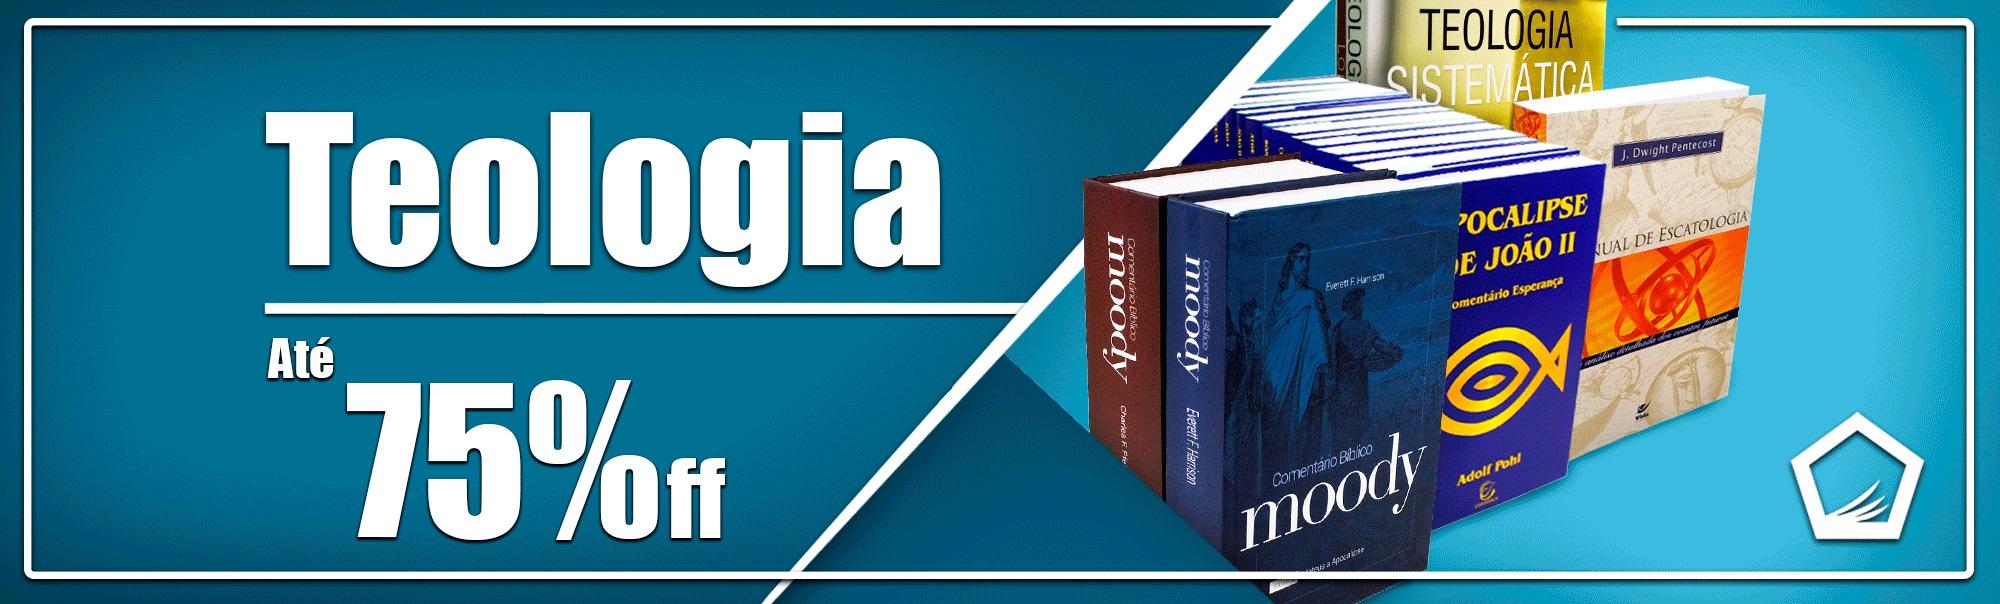 Livros de Teologia | livraria cristã emmerick